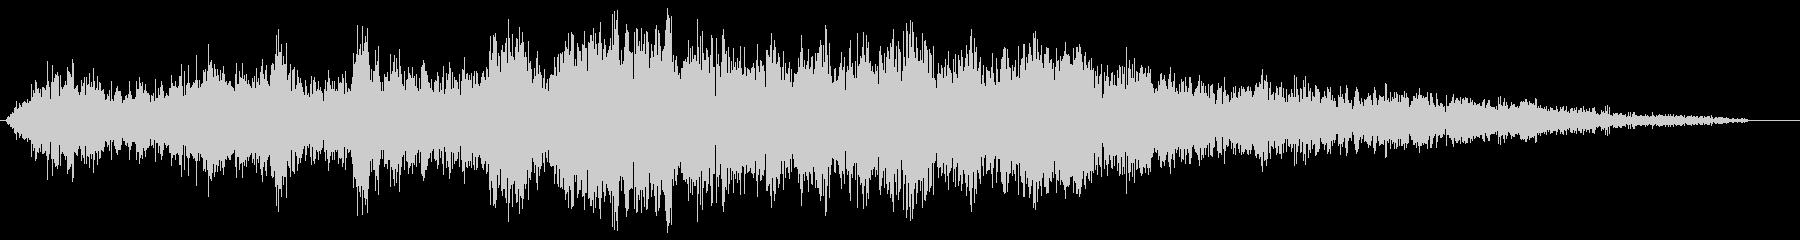 ゴーッ(ジェット機が通過していく効果音)の未再生の波形